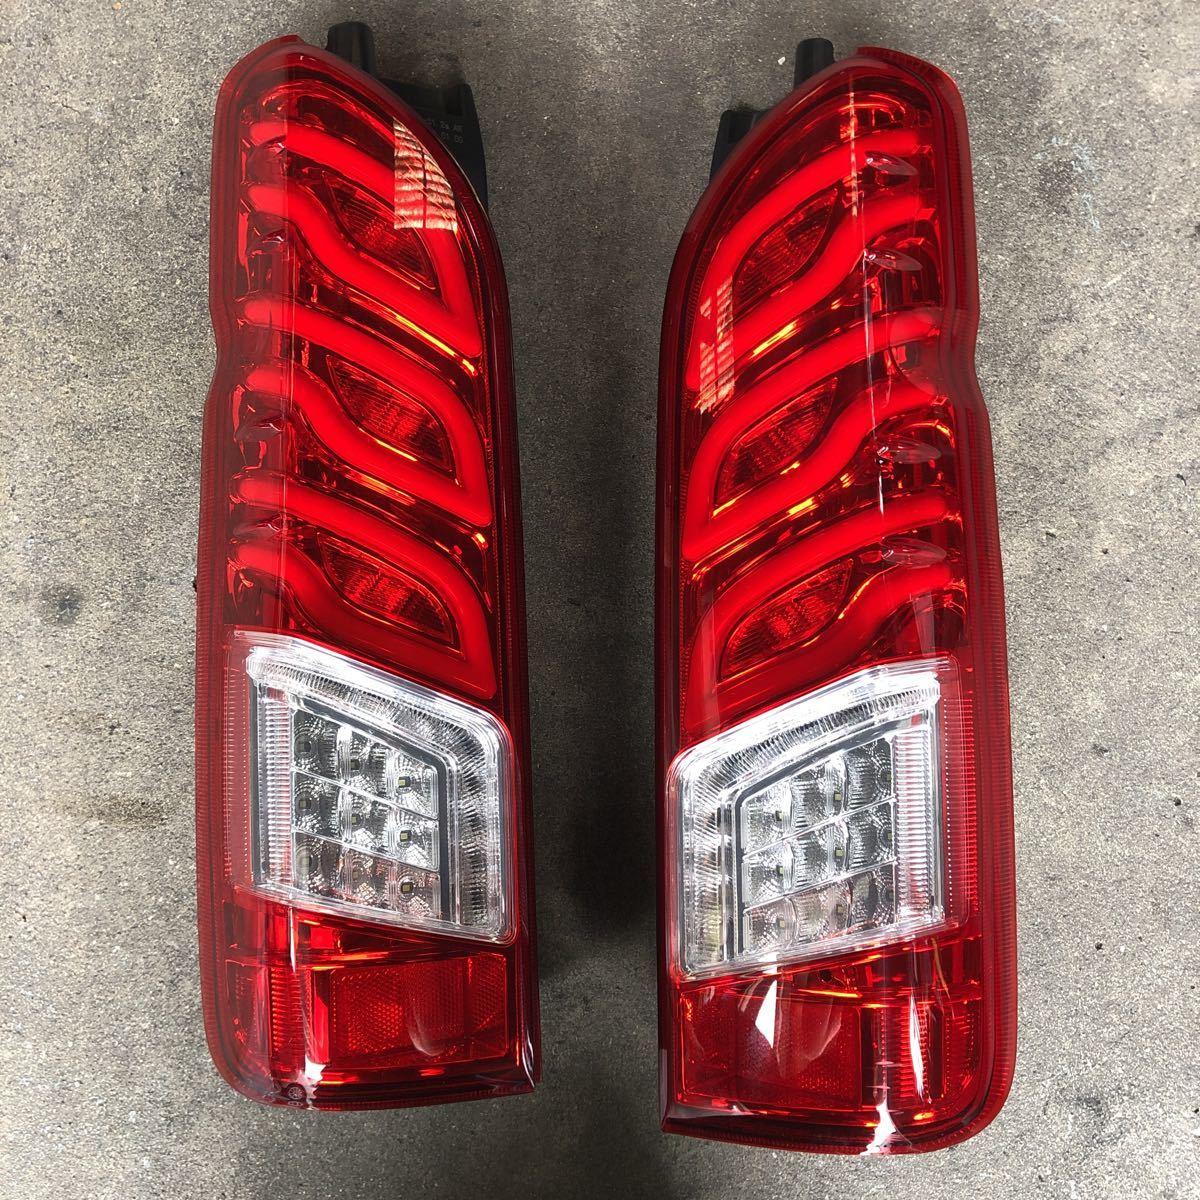 HIACE 200系 ハイエース LEDテールランプ シーケンシャルウインカー 左右セット_画像2